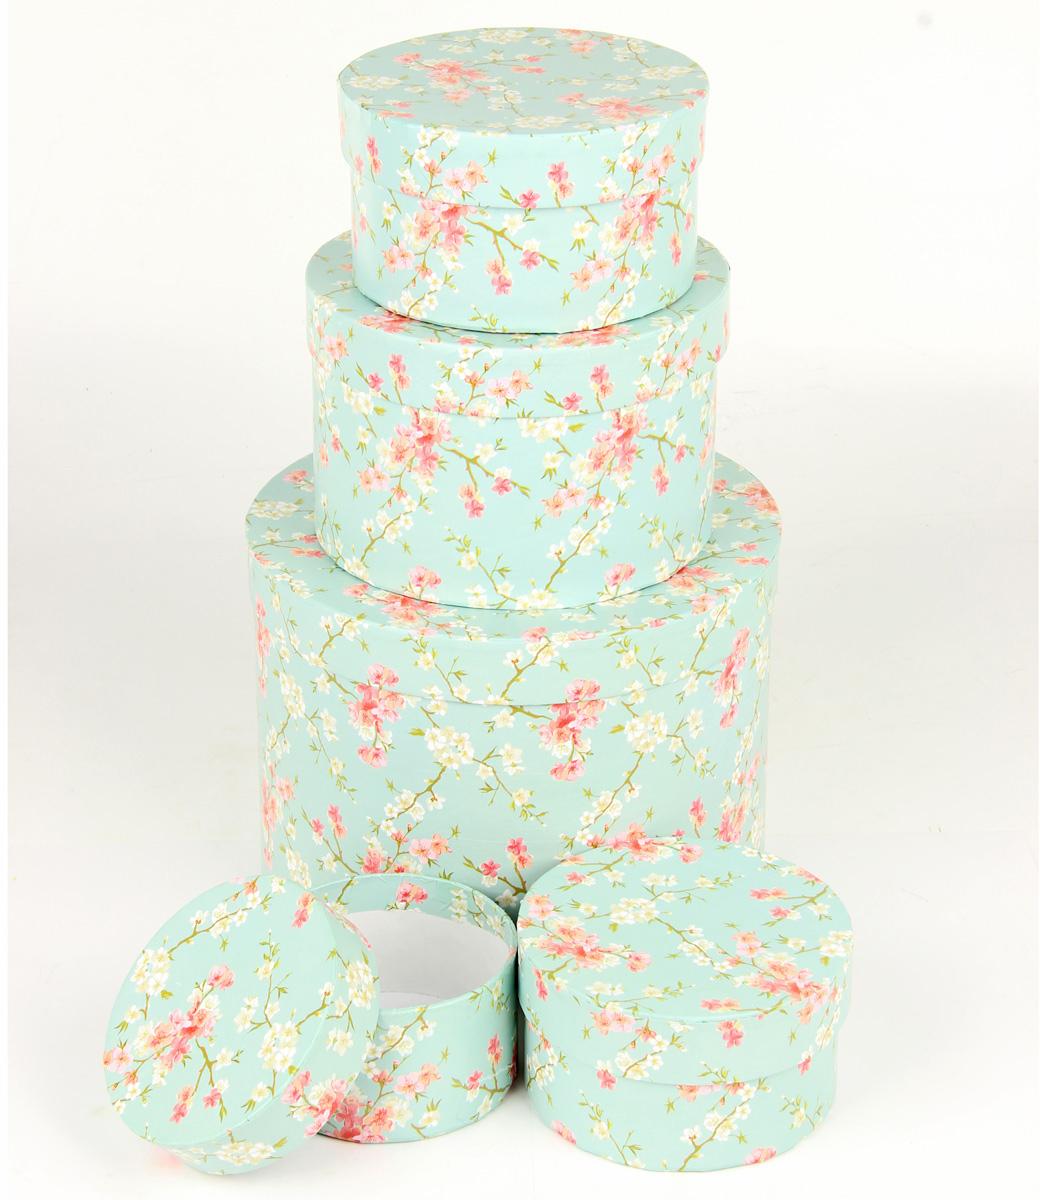 Набор подарочных коробок Veld-Co Цветение дикой сливы, круглые, 5 шт. 67674 набор подарочных коробок veld co цветение дикой сливы круглые 5 шт 67674